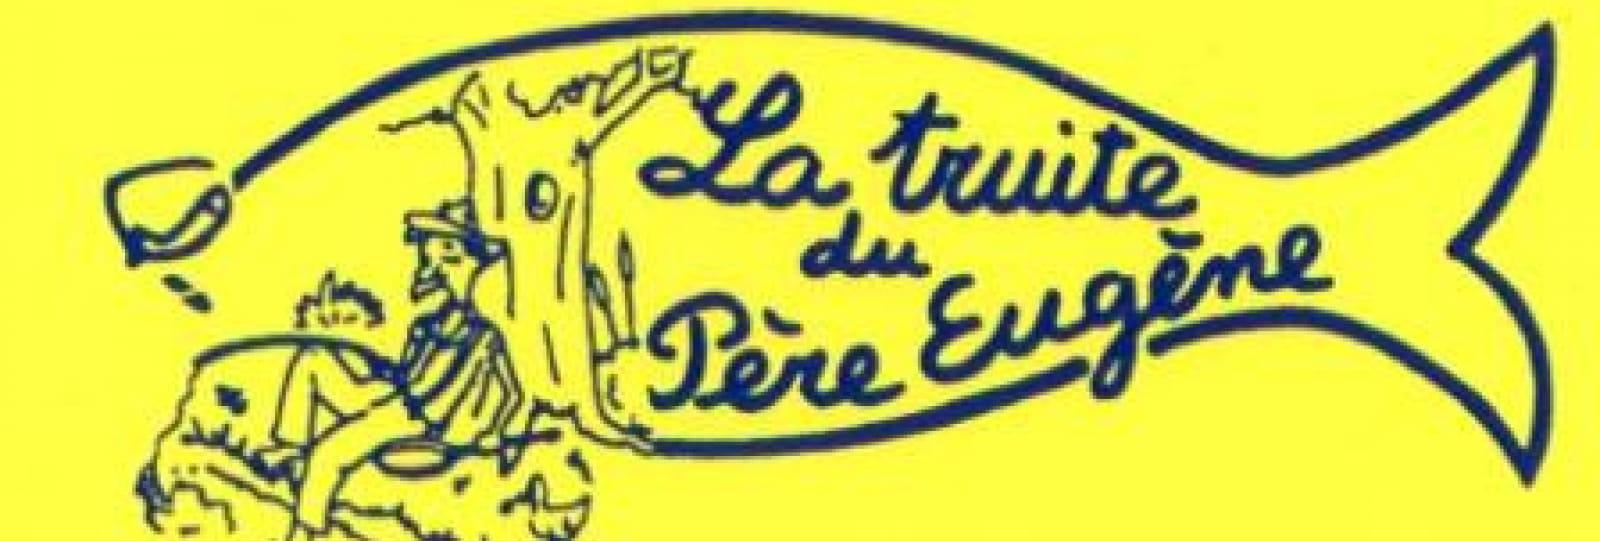 La Truite du Père Eugène - Restaurant